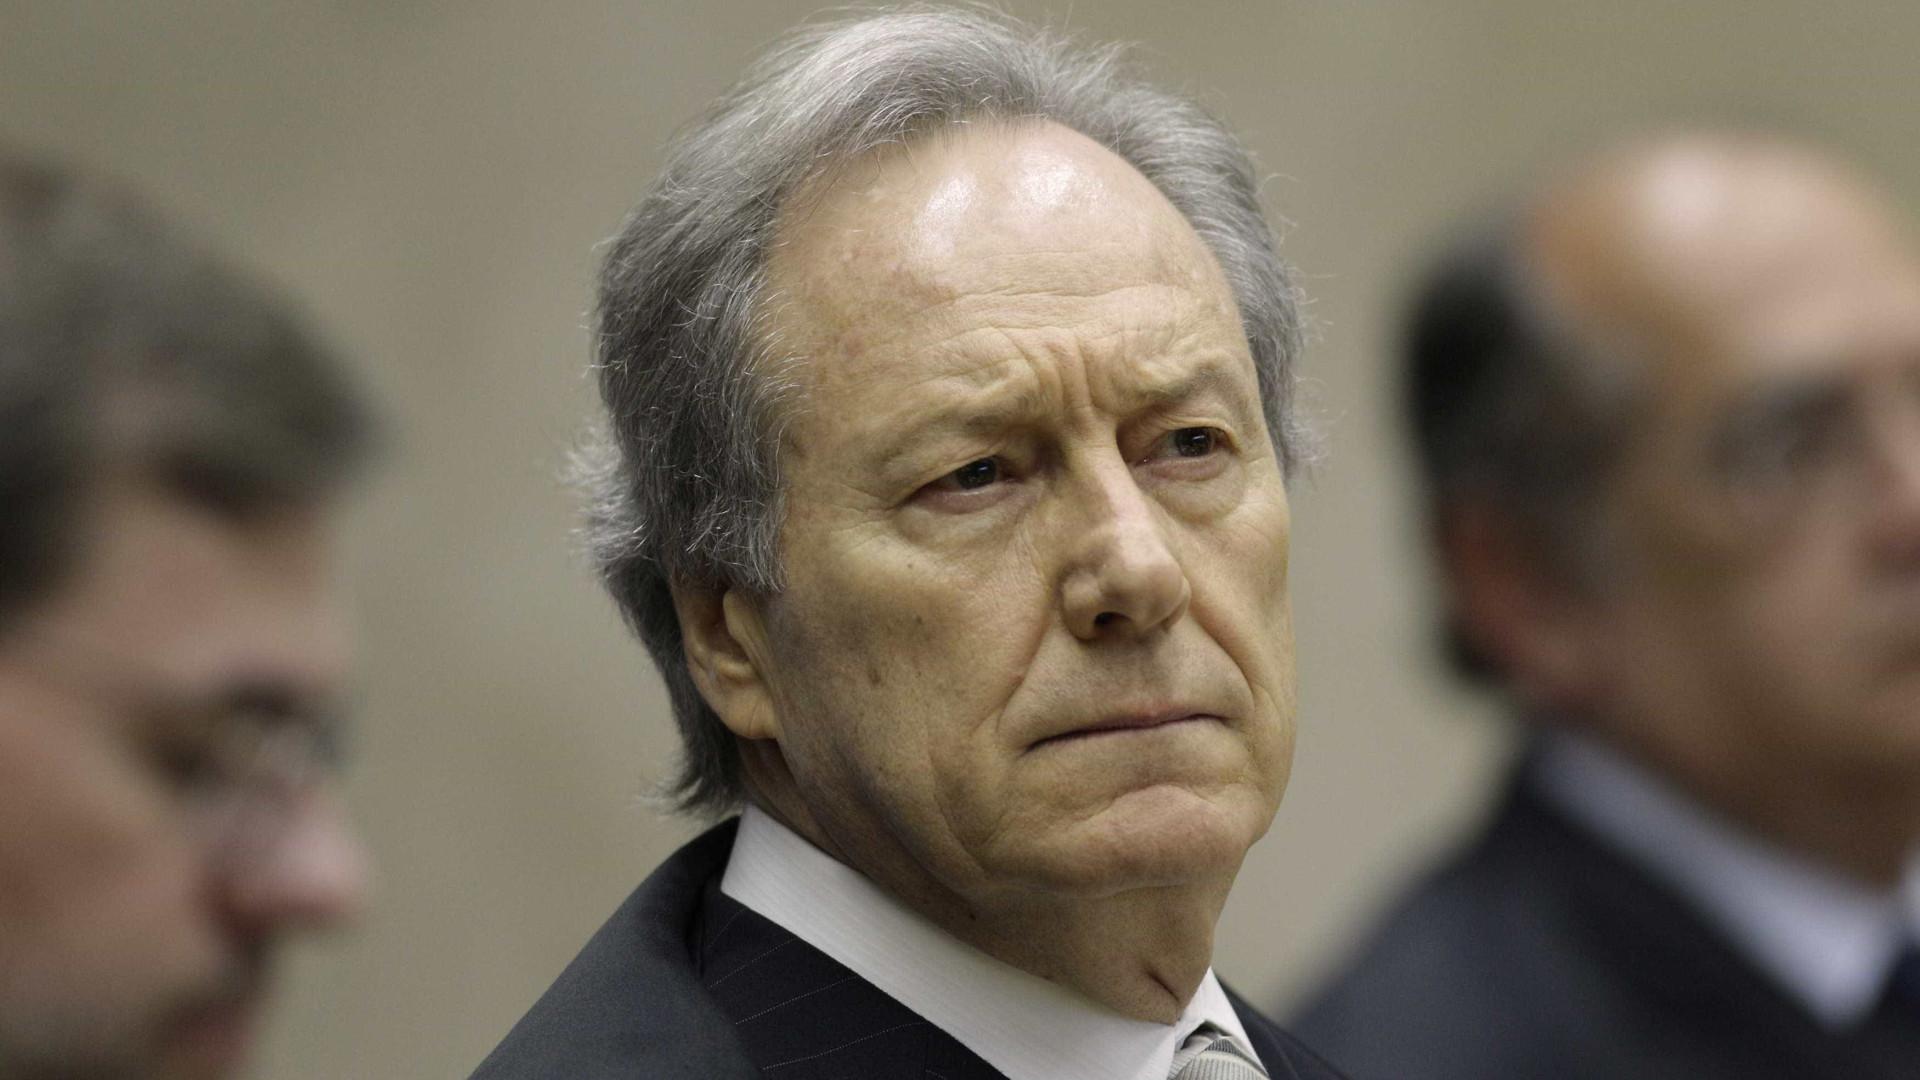 Ministro do STF rejeita delação de marqueteiro e critica PGR